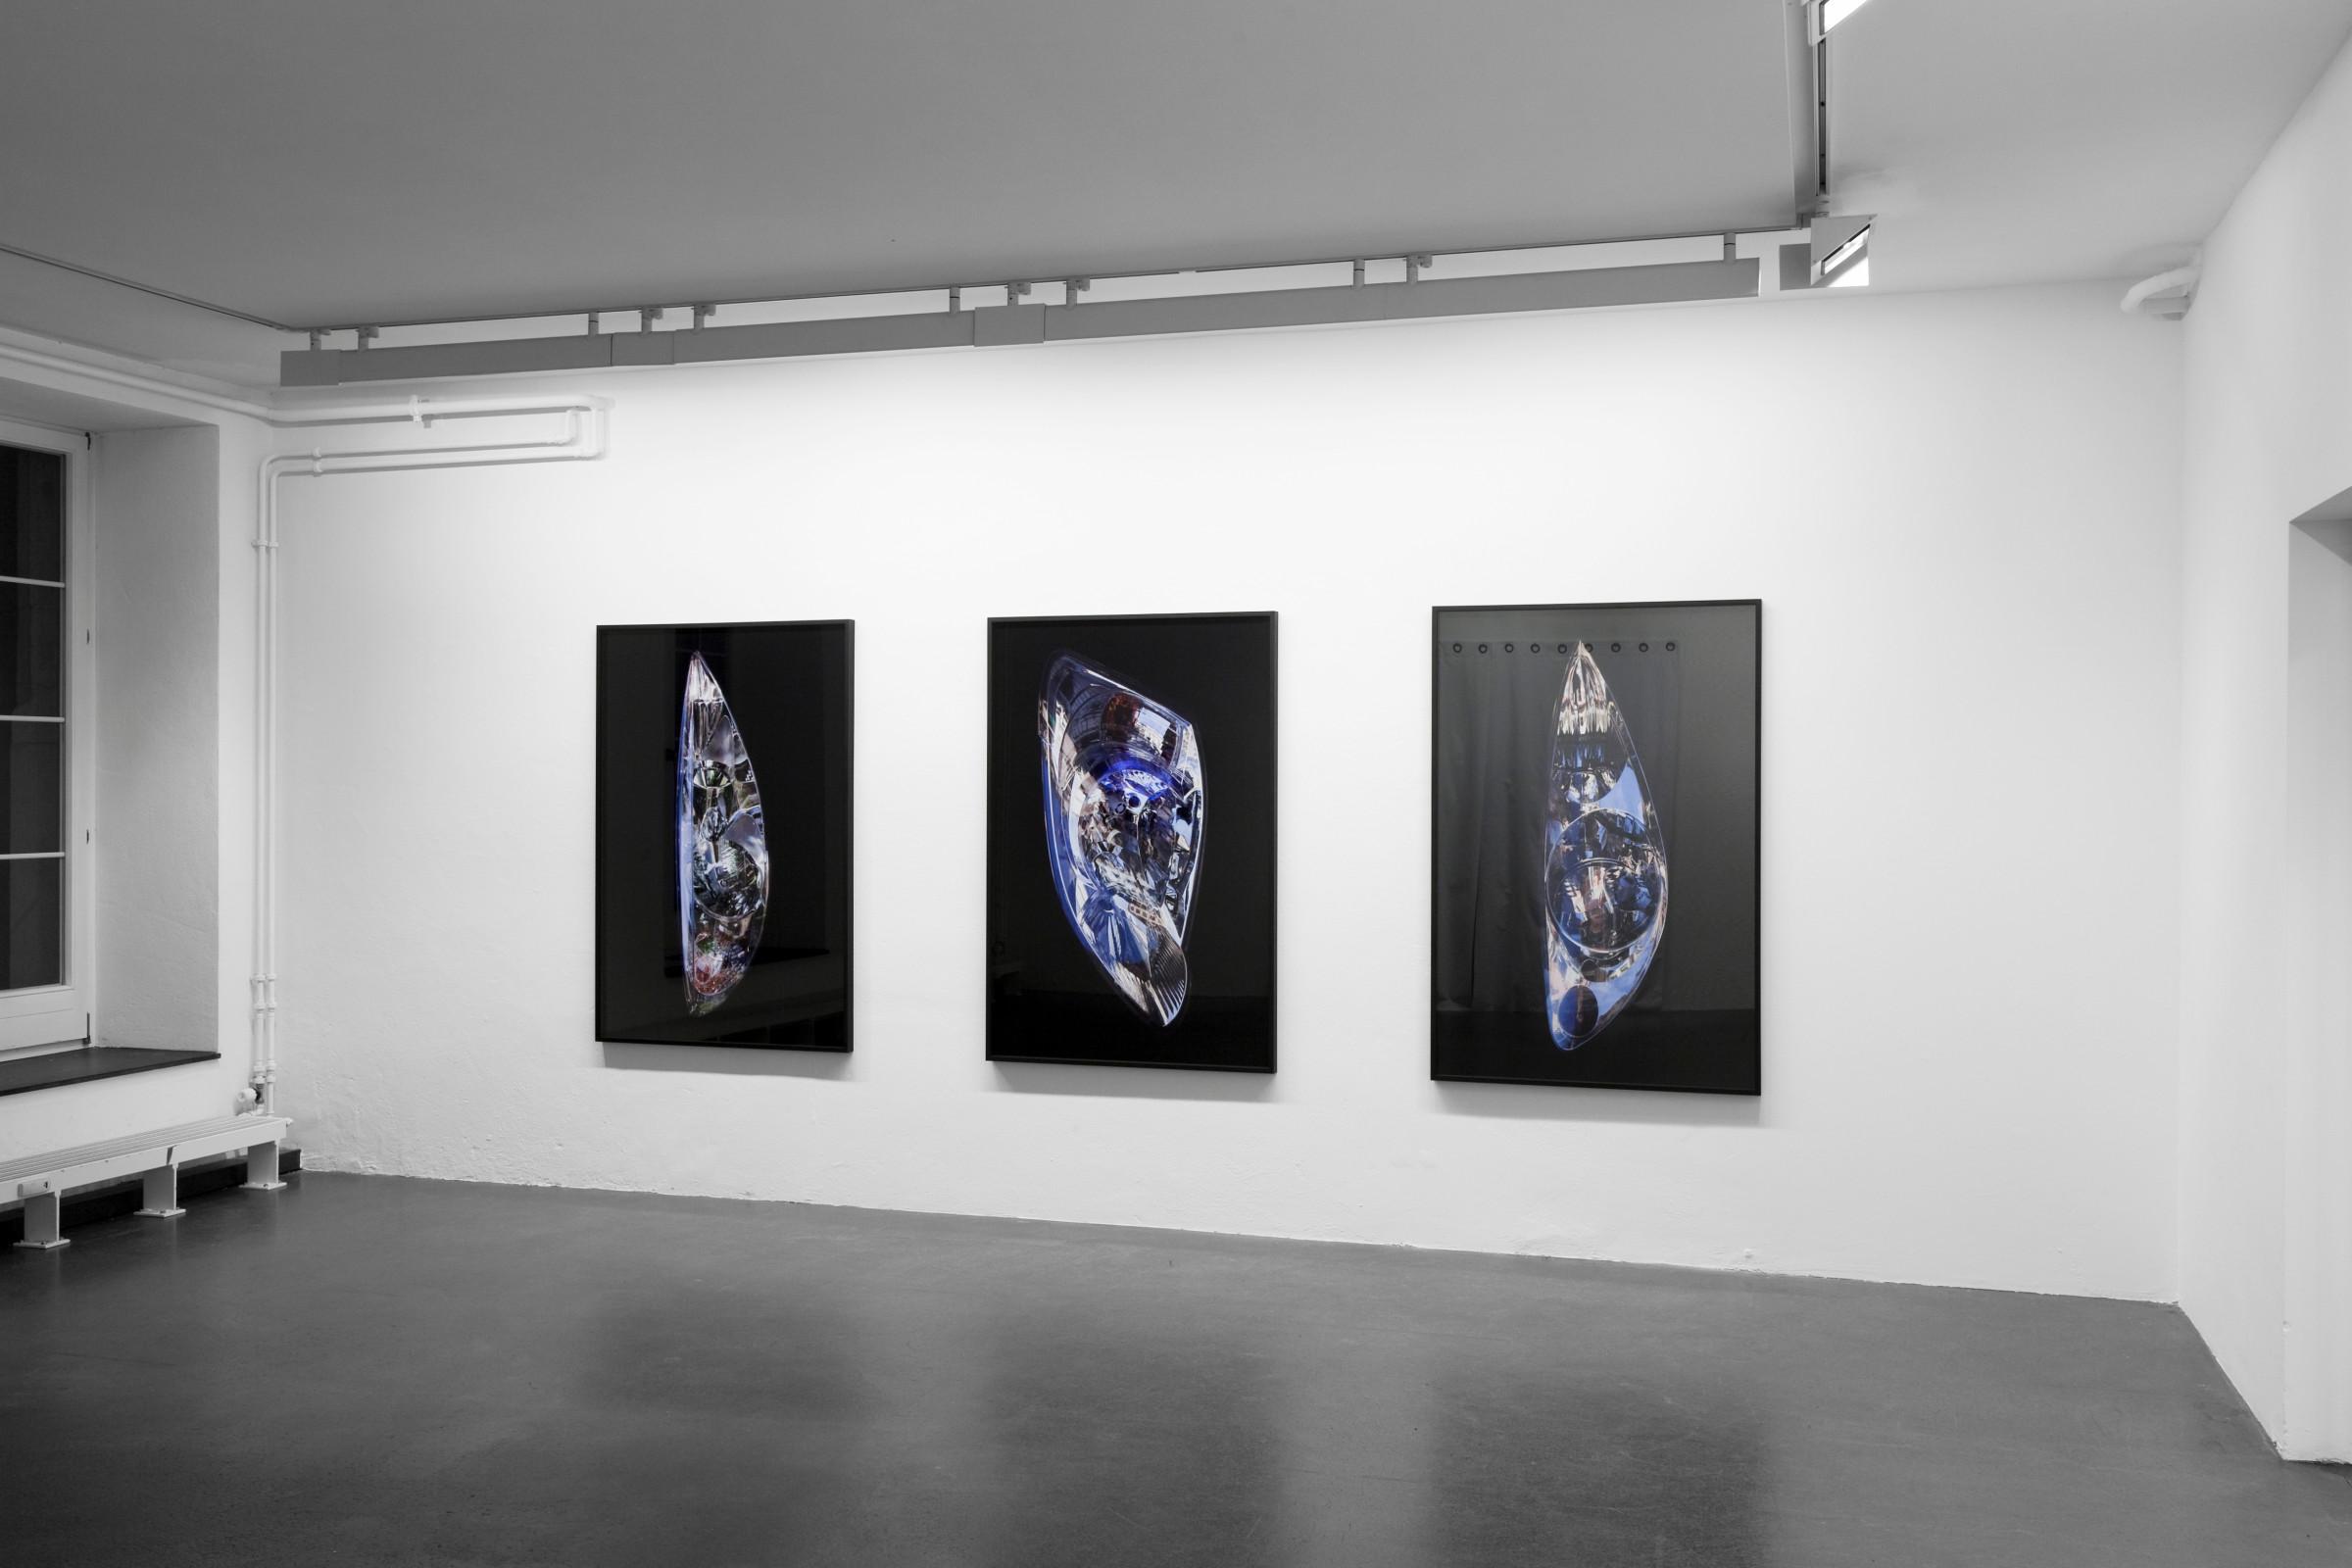 Coalmine Fotogalerie Winterthur, 2010